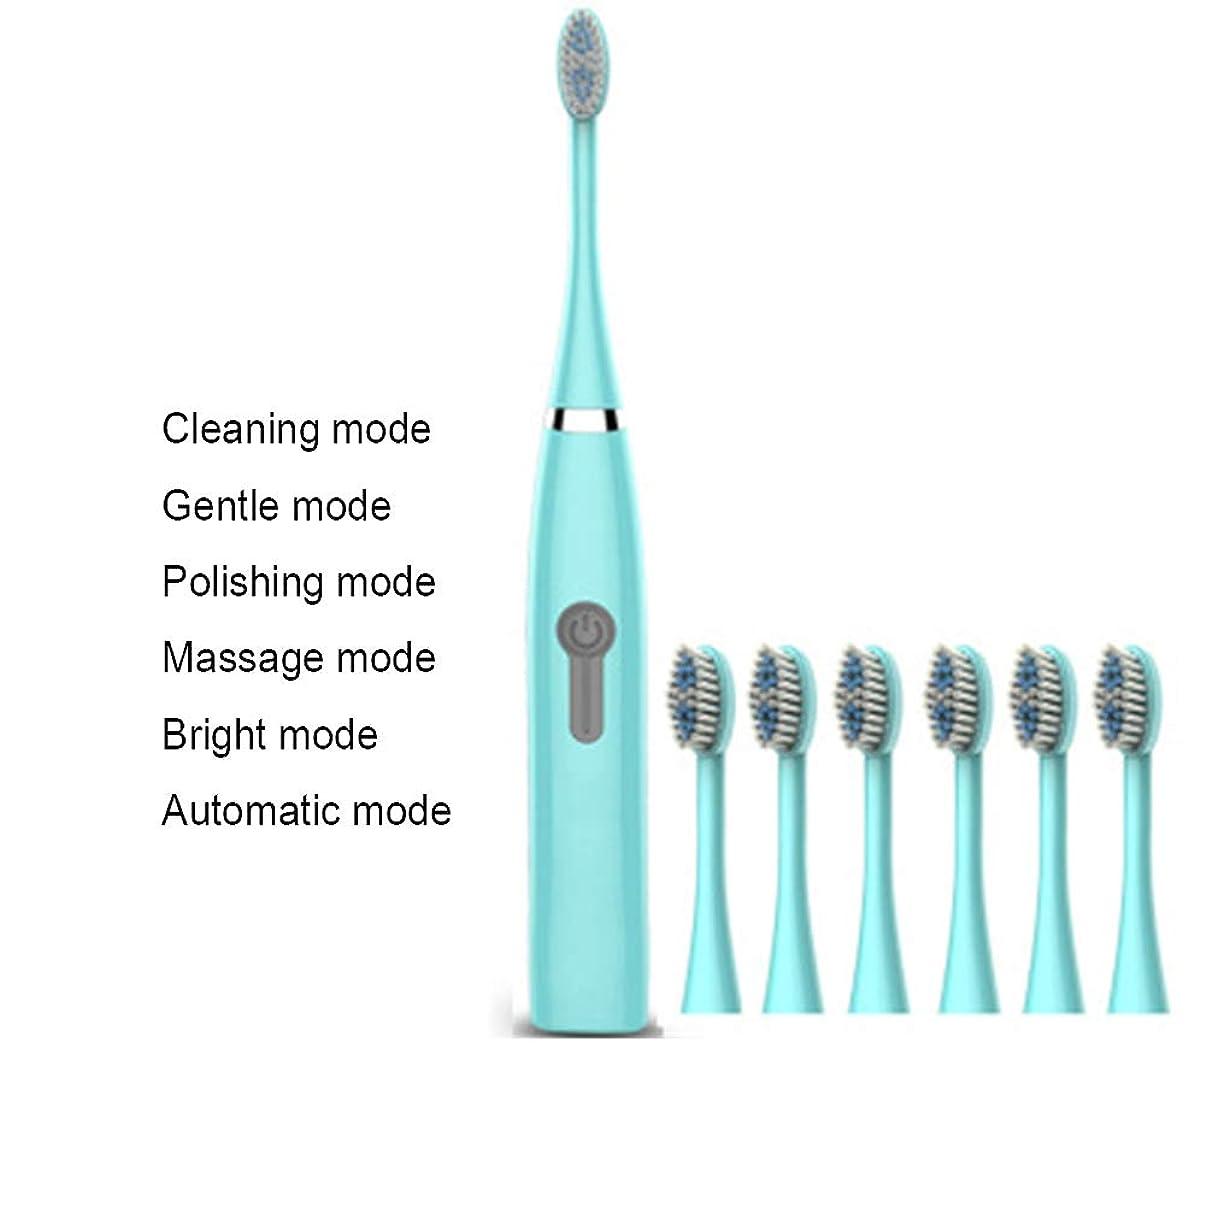 秀でる楽な活力5モード電動歯ブラシソニック充電式歯ブラシ用子供、大人、IPX7防水バッテリー歯ブラシ付き,J